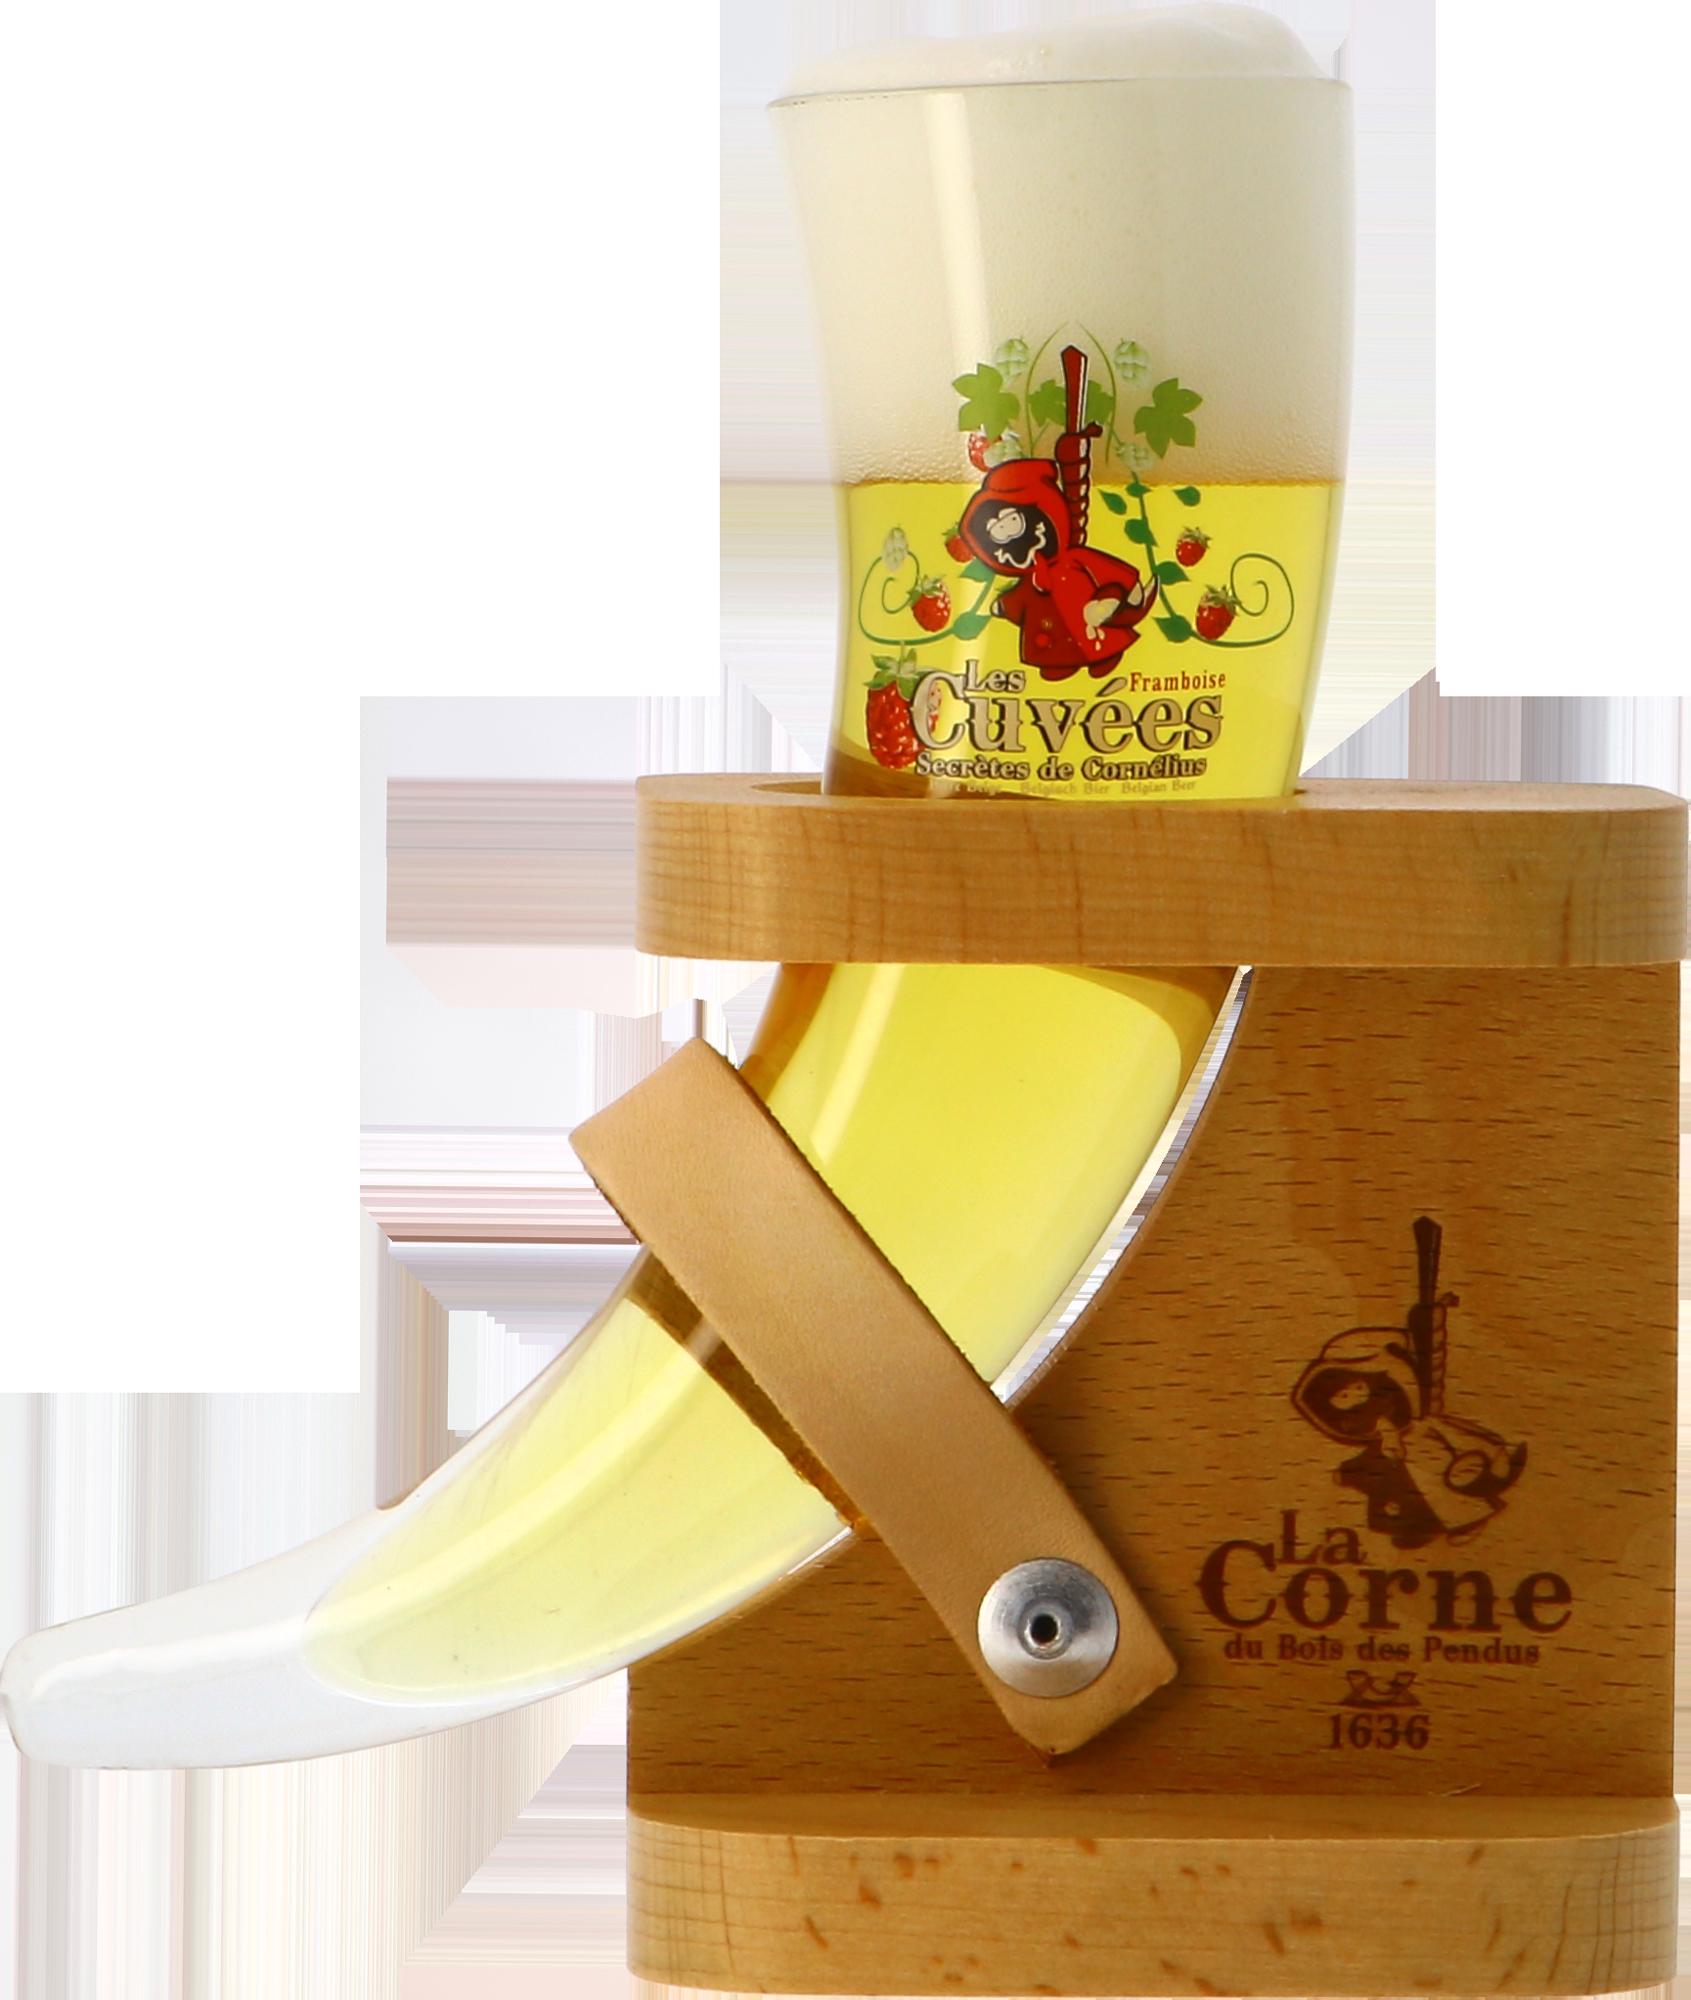 Verre La Corne du Bois des Pendus Dégustation + pied bois - 15cl